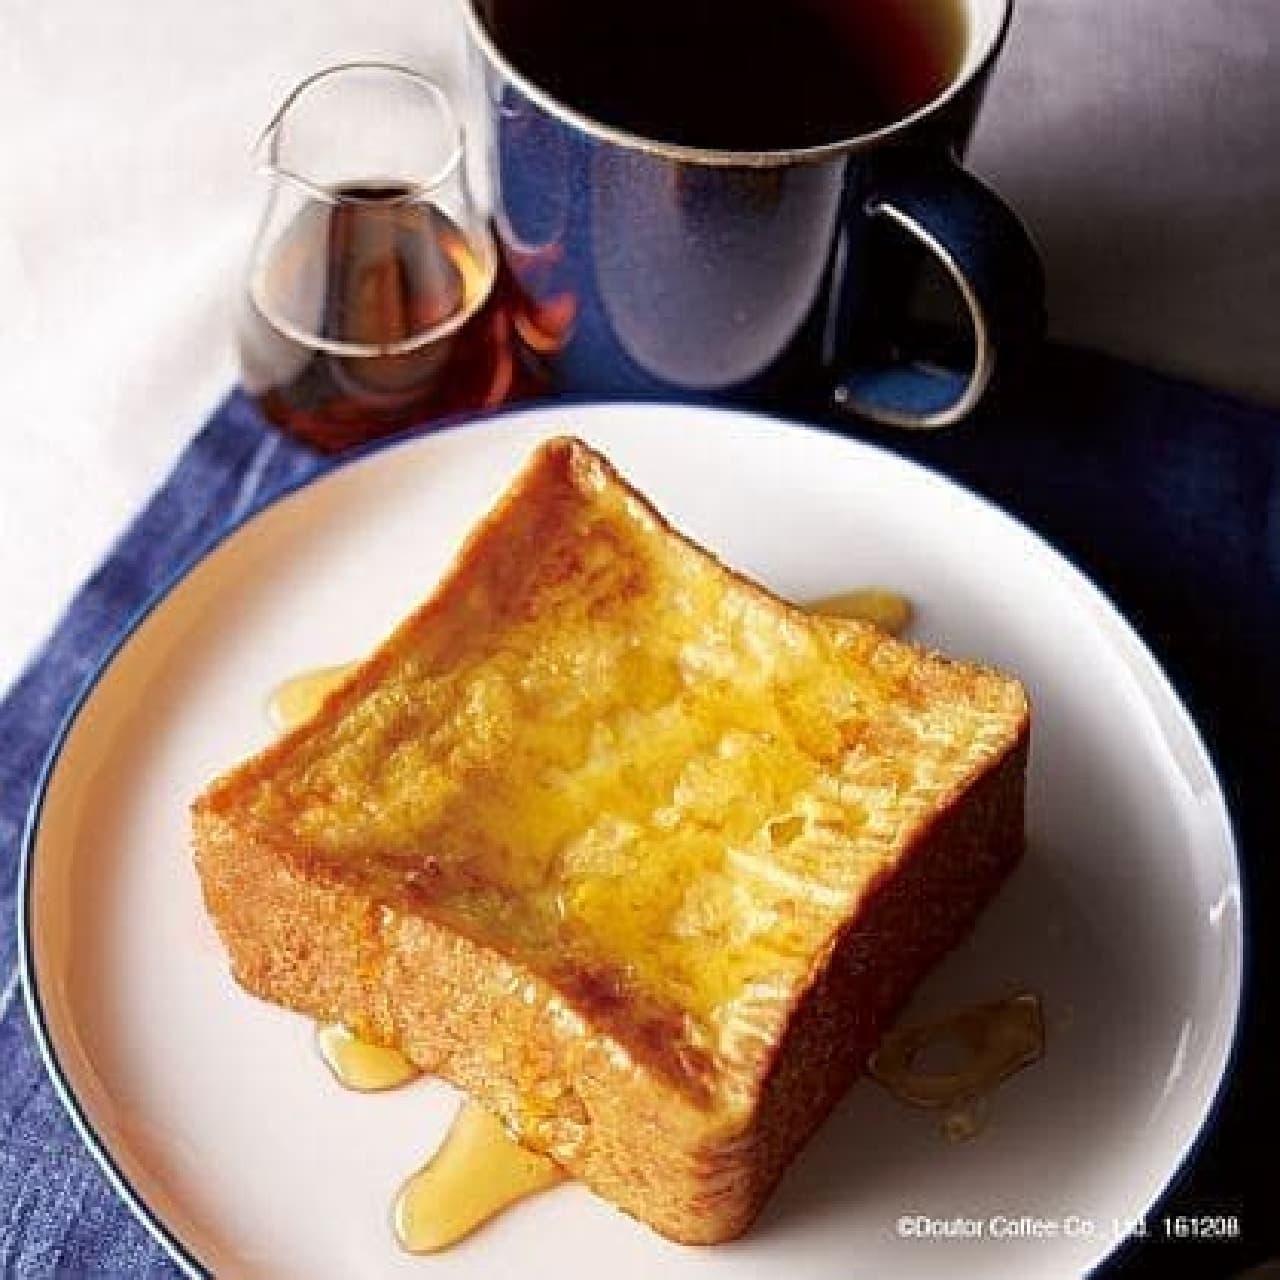 エクセルシオール カフェ「厚切りフレンチトースト(ドリンク付)」